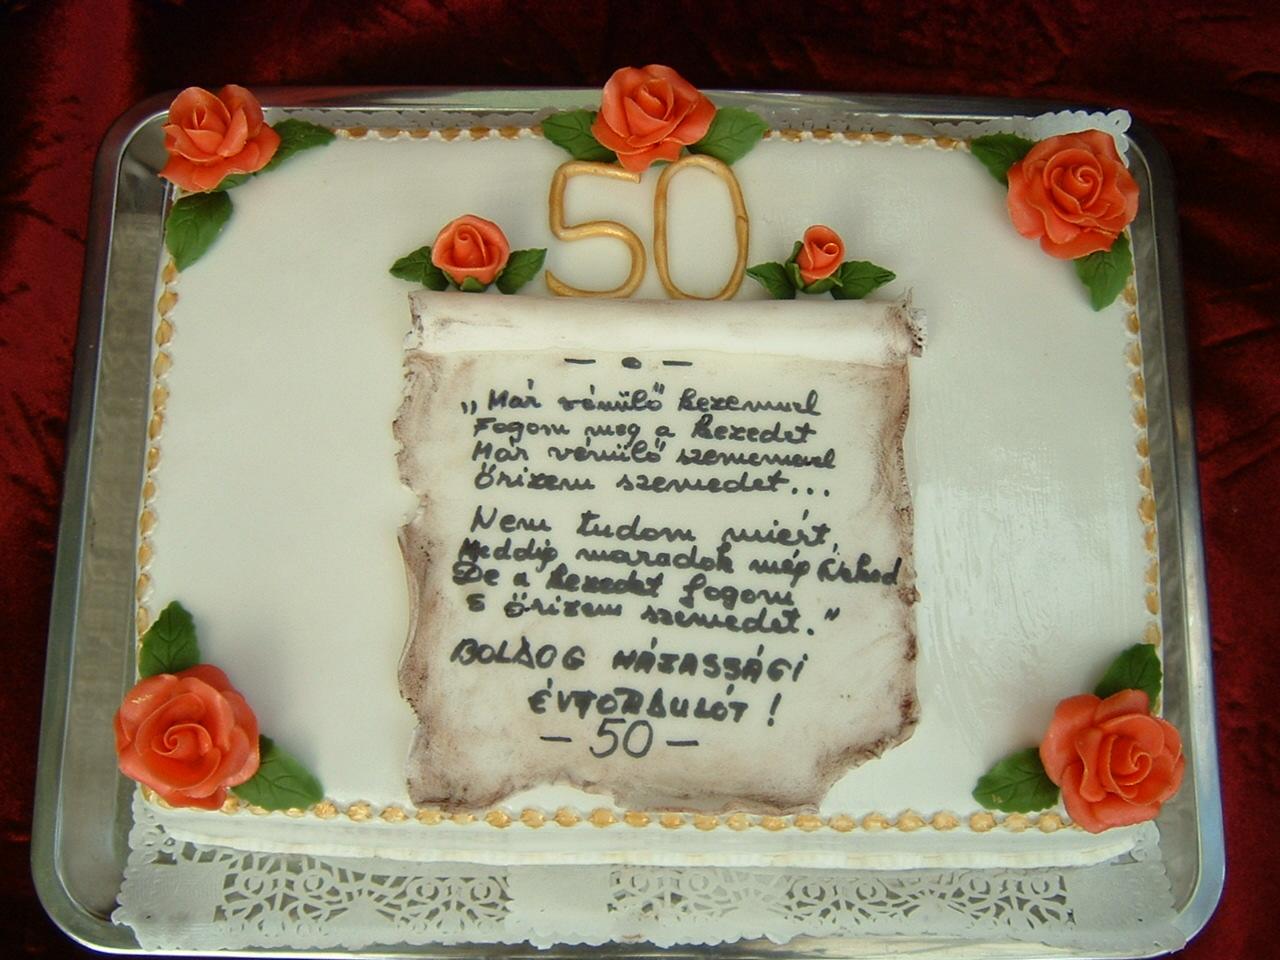 idézetek házassági évfordulóra 50 Rozi Erdélyi konyhája: Házassági évfordulóra 50